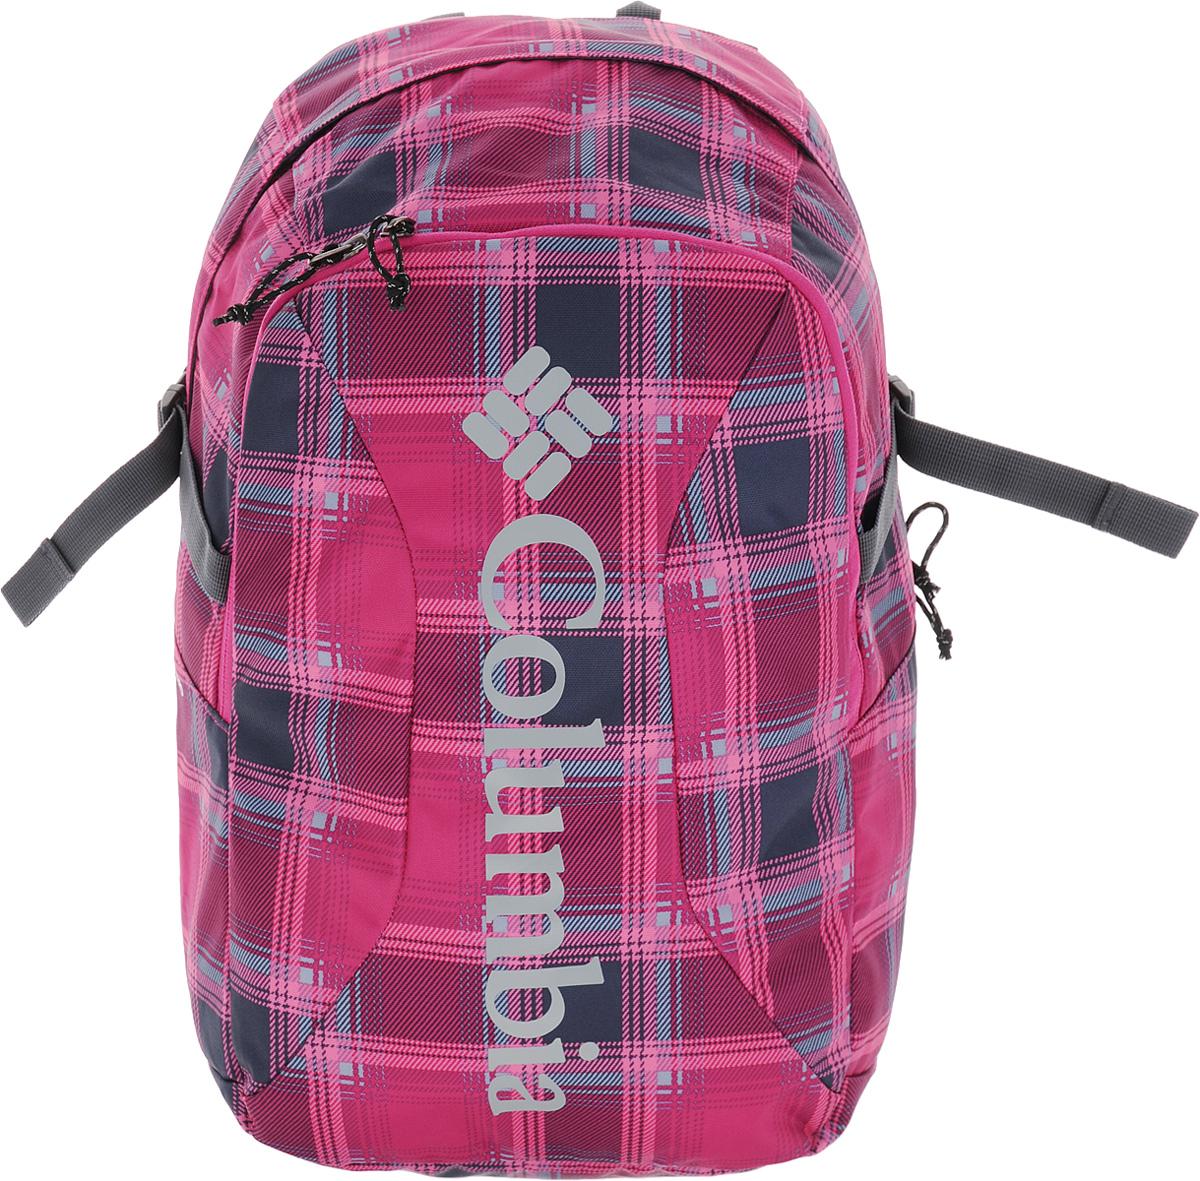 Рюкзак городской Columbia Windward Daypack, цвет: розовый, серый. 1587581-628